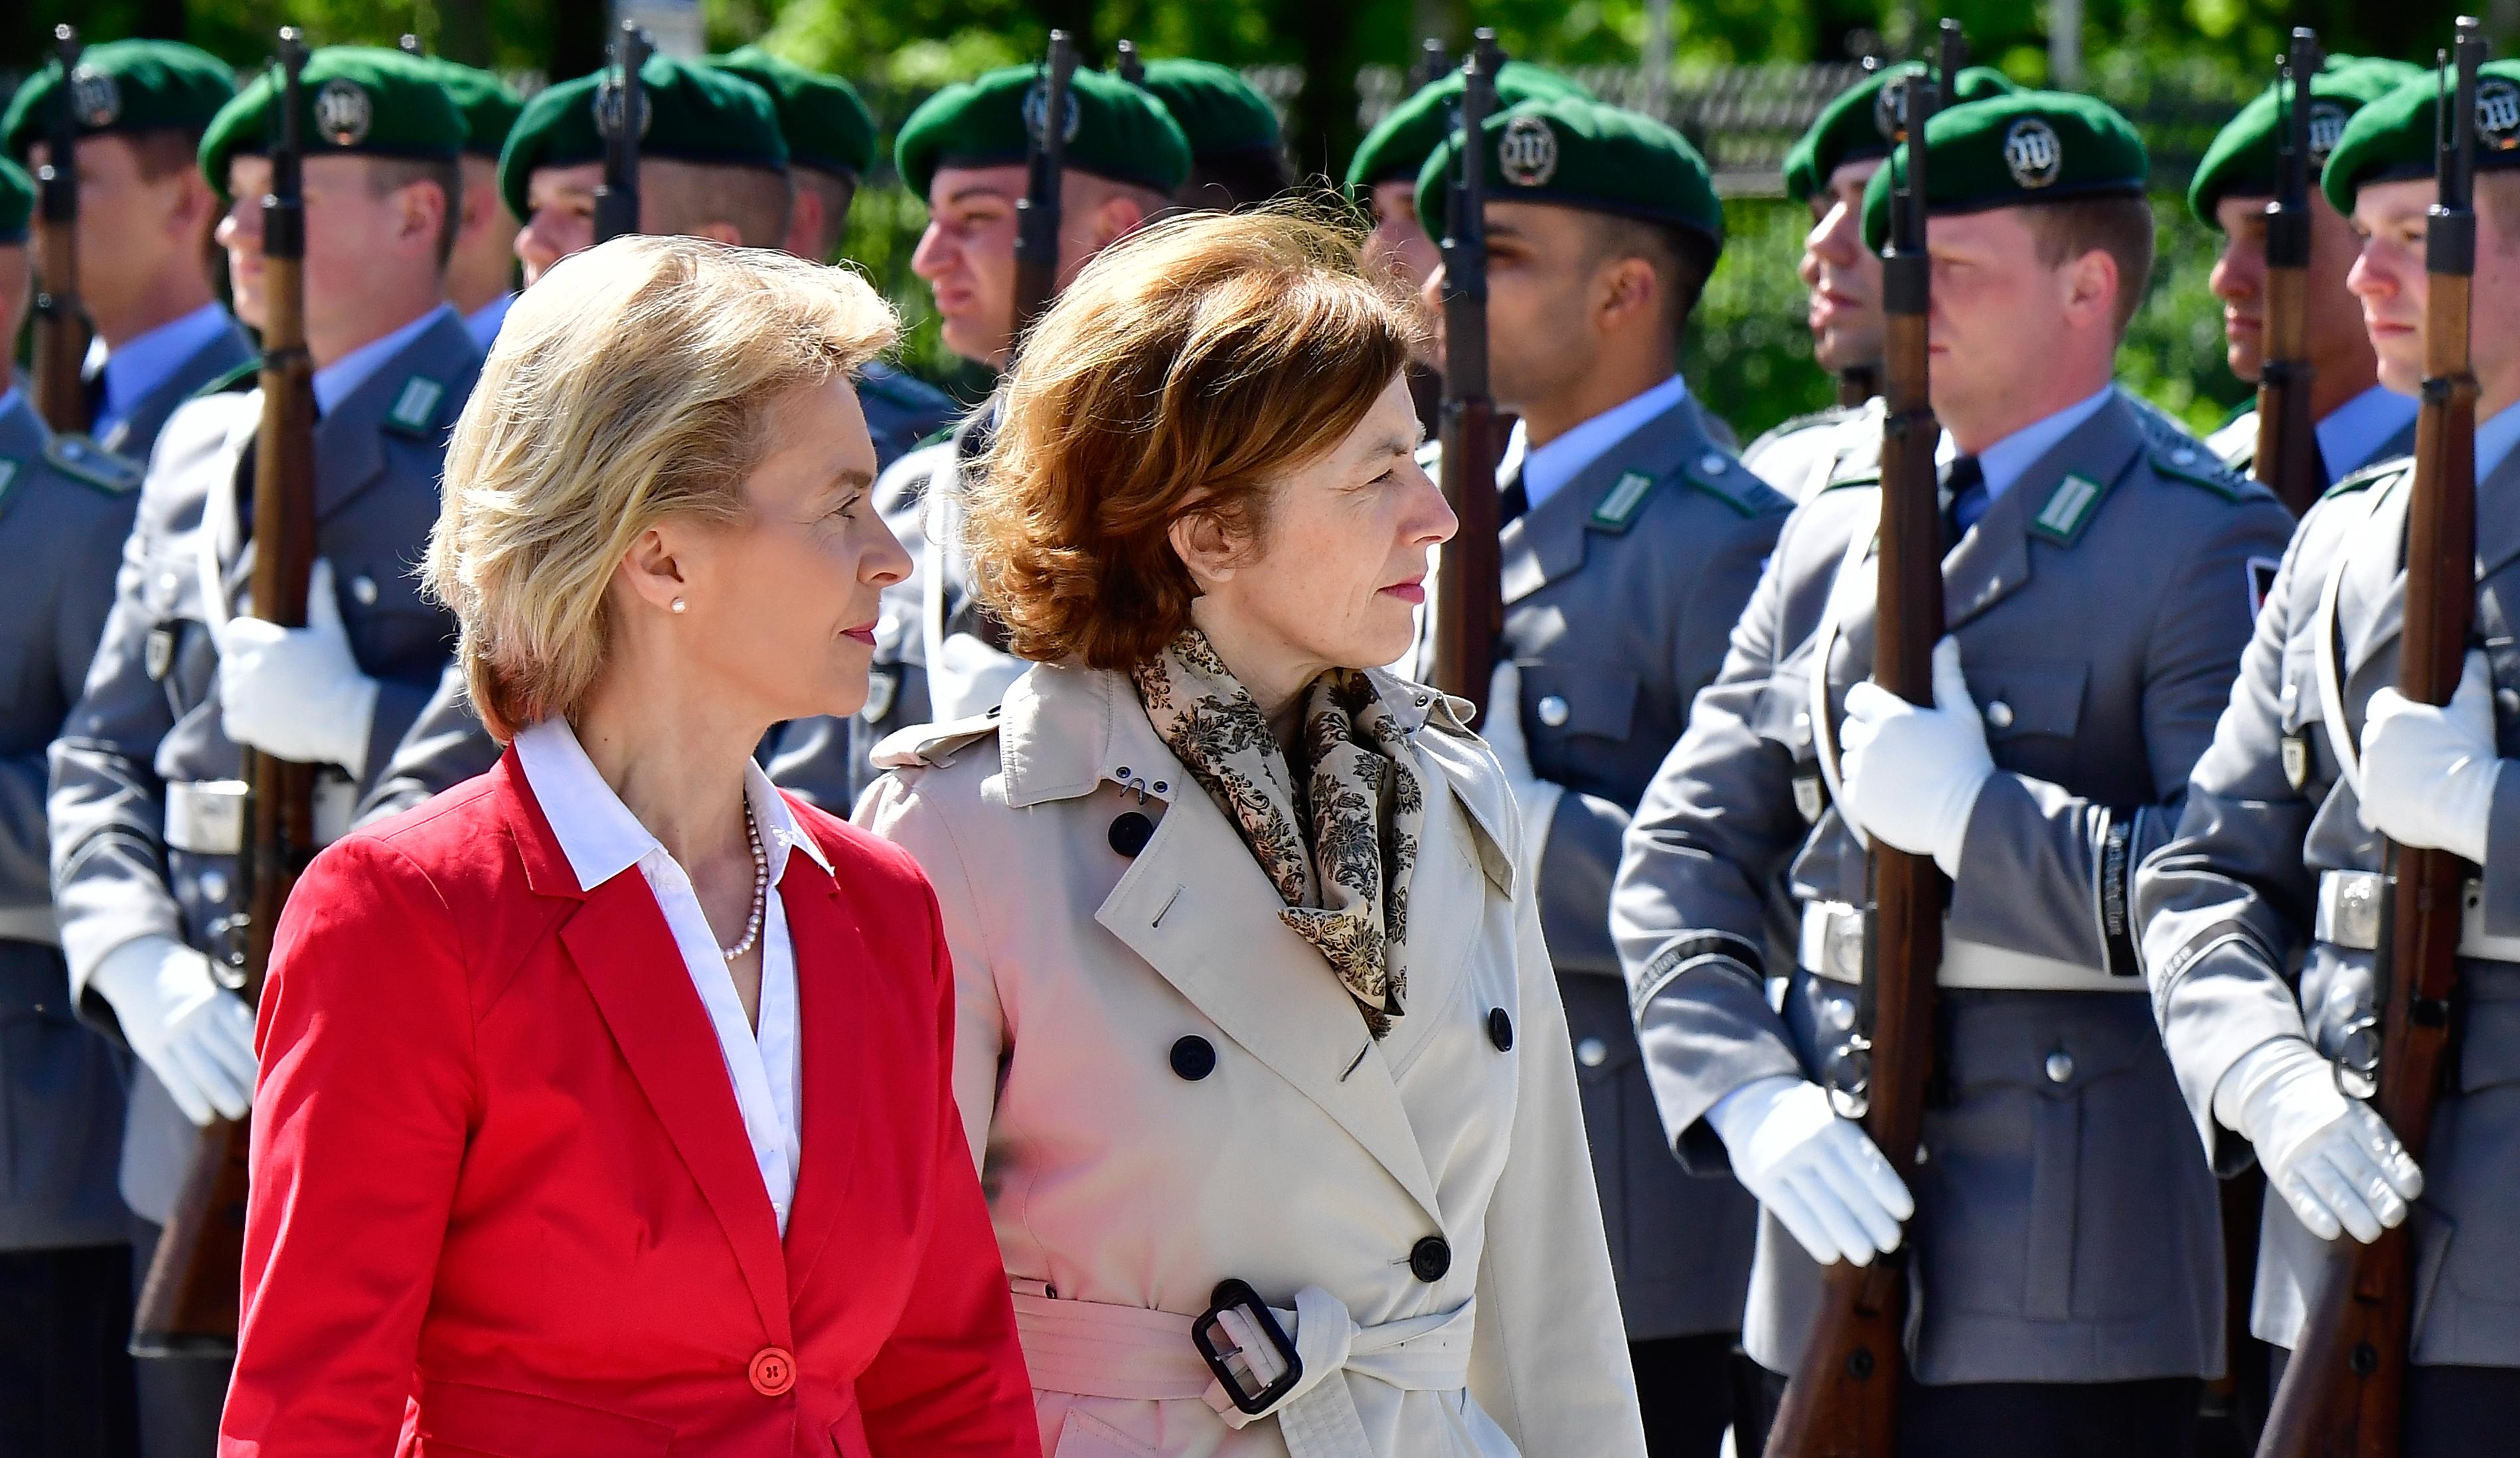 Majd pont abban követi az európai divatot Orbán, hogy ne katona legyen a védelmi miniszter, netán egy nőre bízza a feladatot